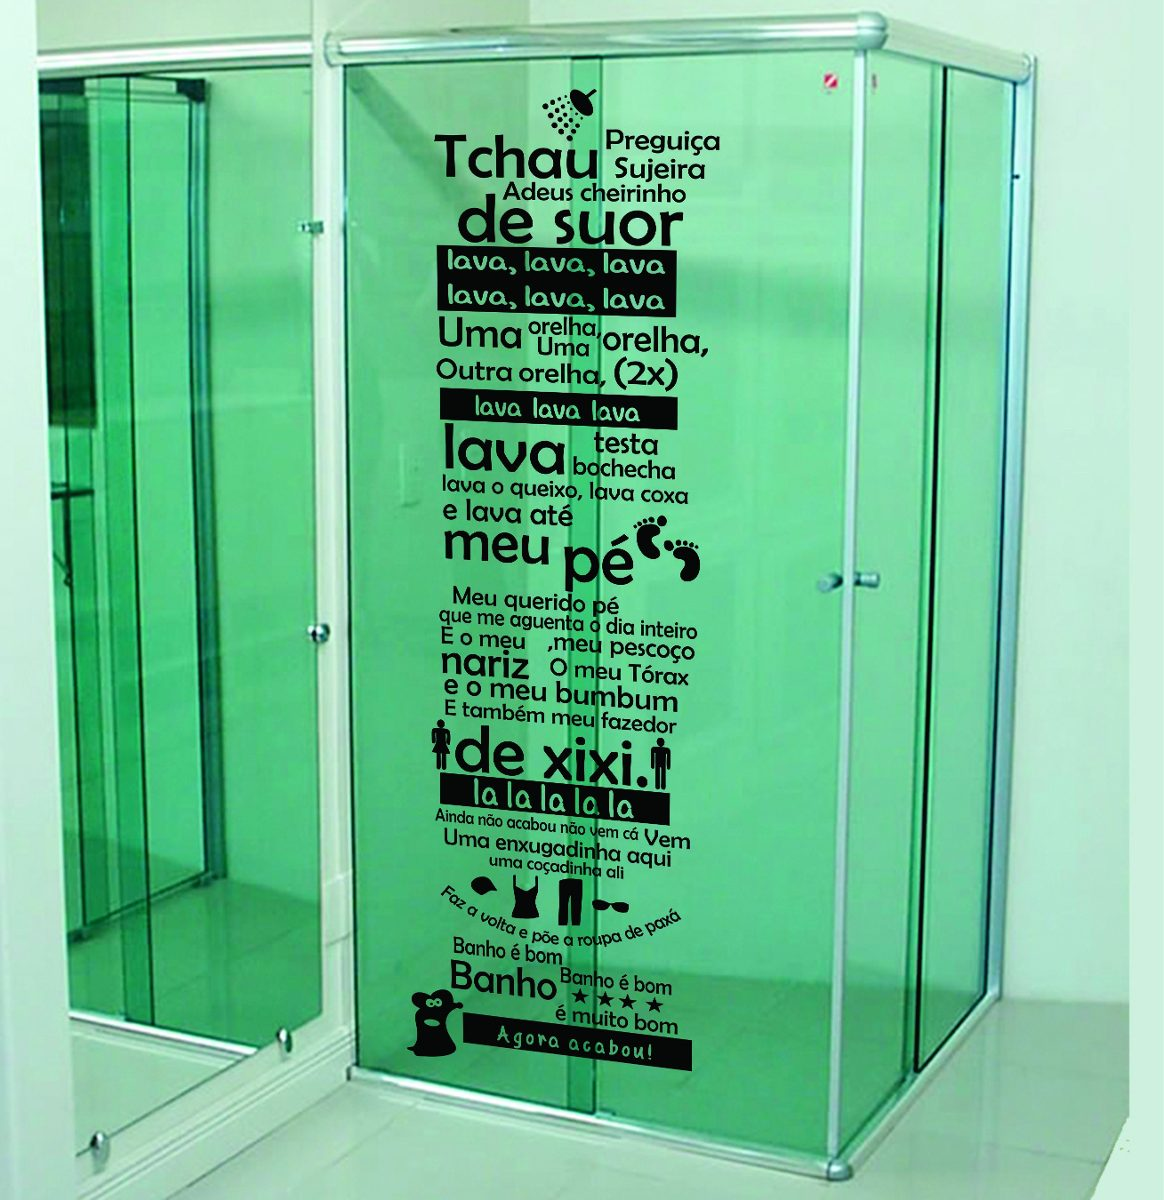 Porta Box Música Ratinho Castelo Ratimbum R$ 42 99 em Mercado Livre #19AD52 1164x1200 Acessorios Para Banheiro Mercado Livre